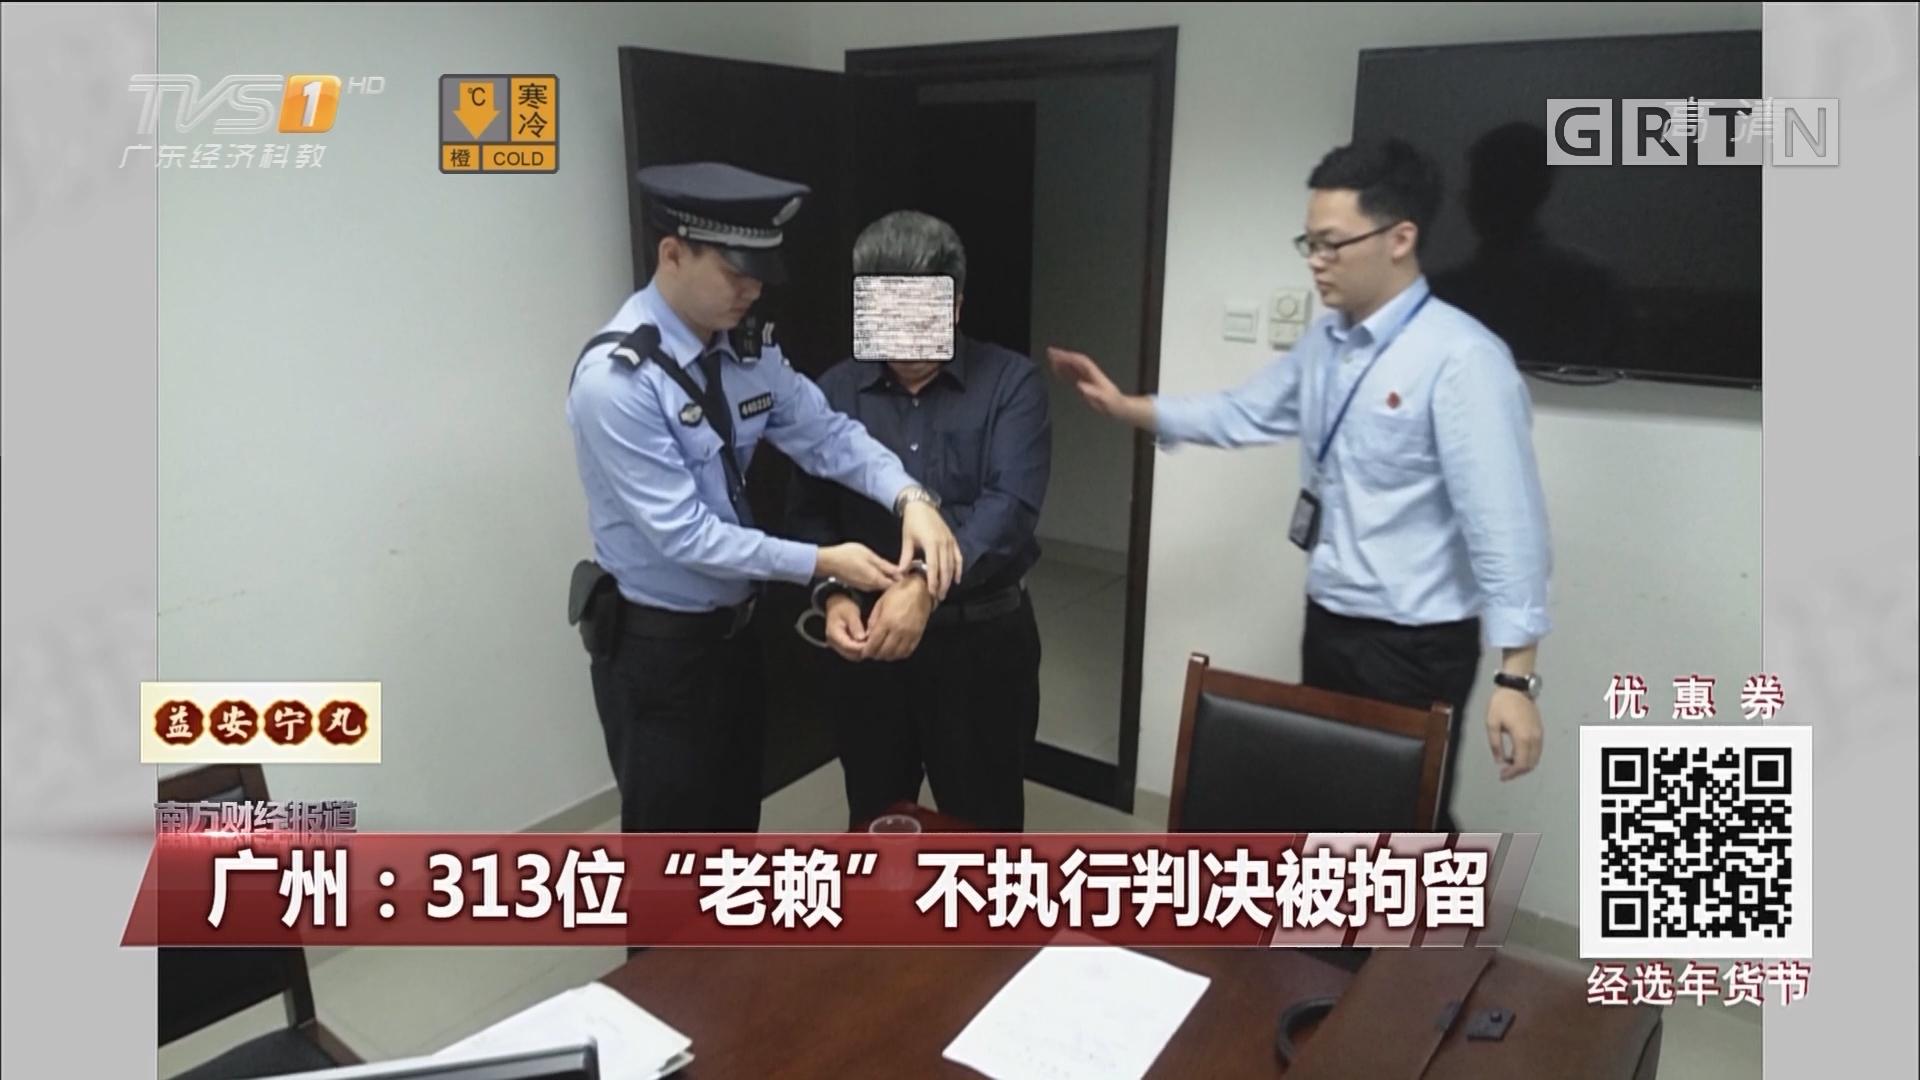 """广州:313位""""老赖"""" 不执行判决被拘留"""